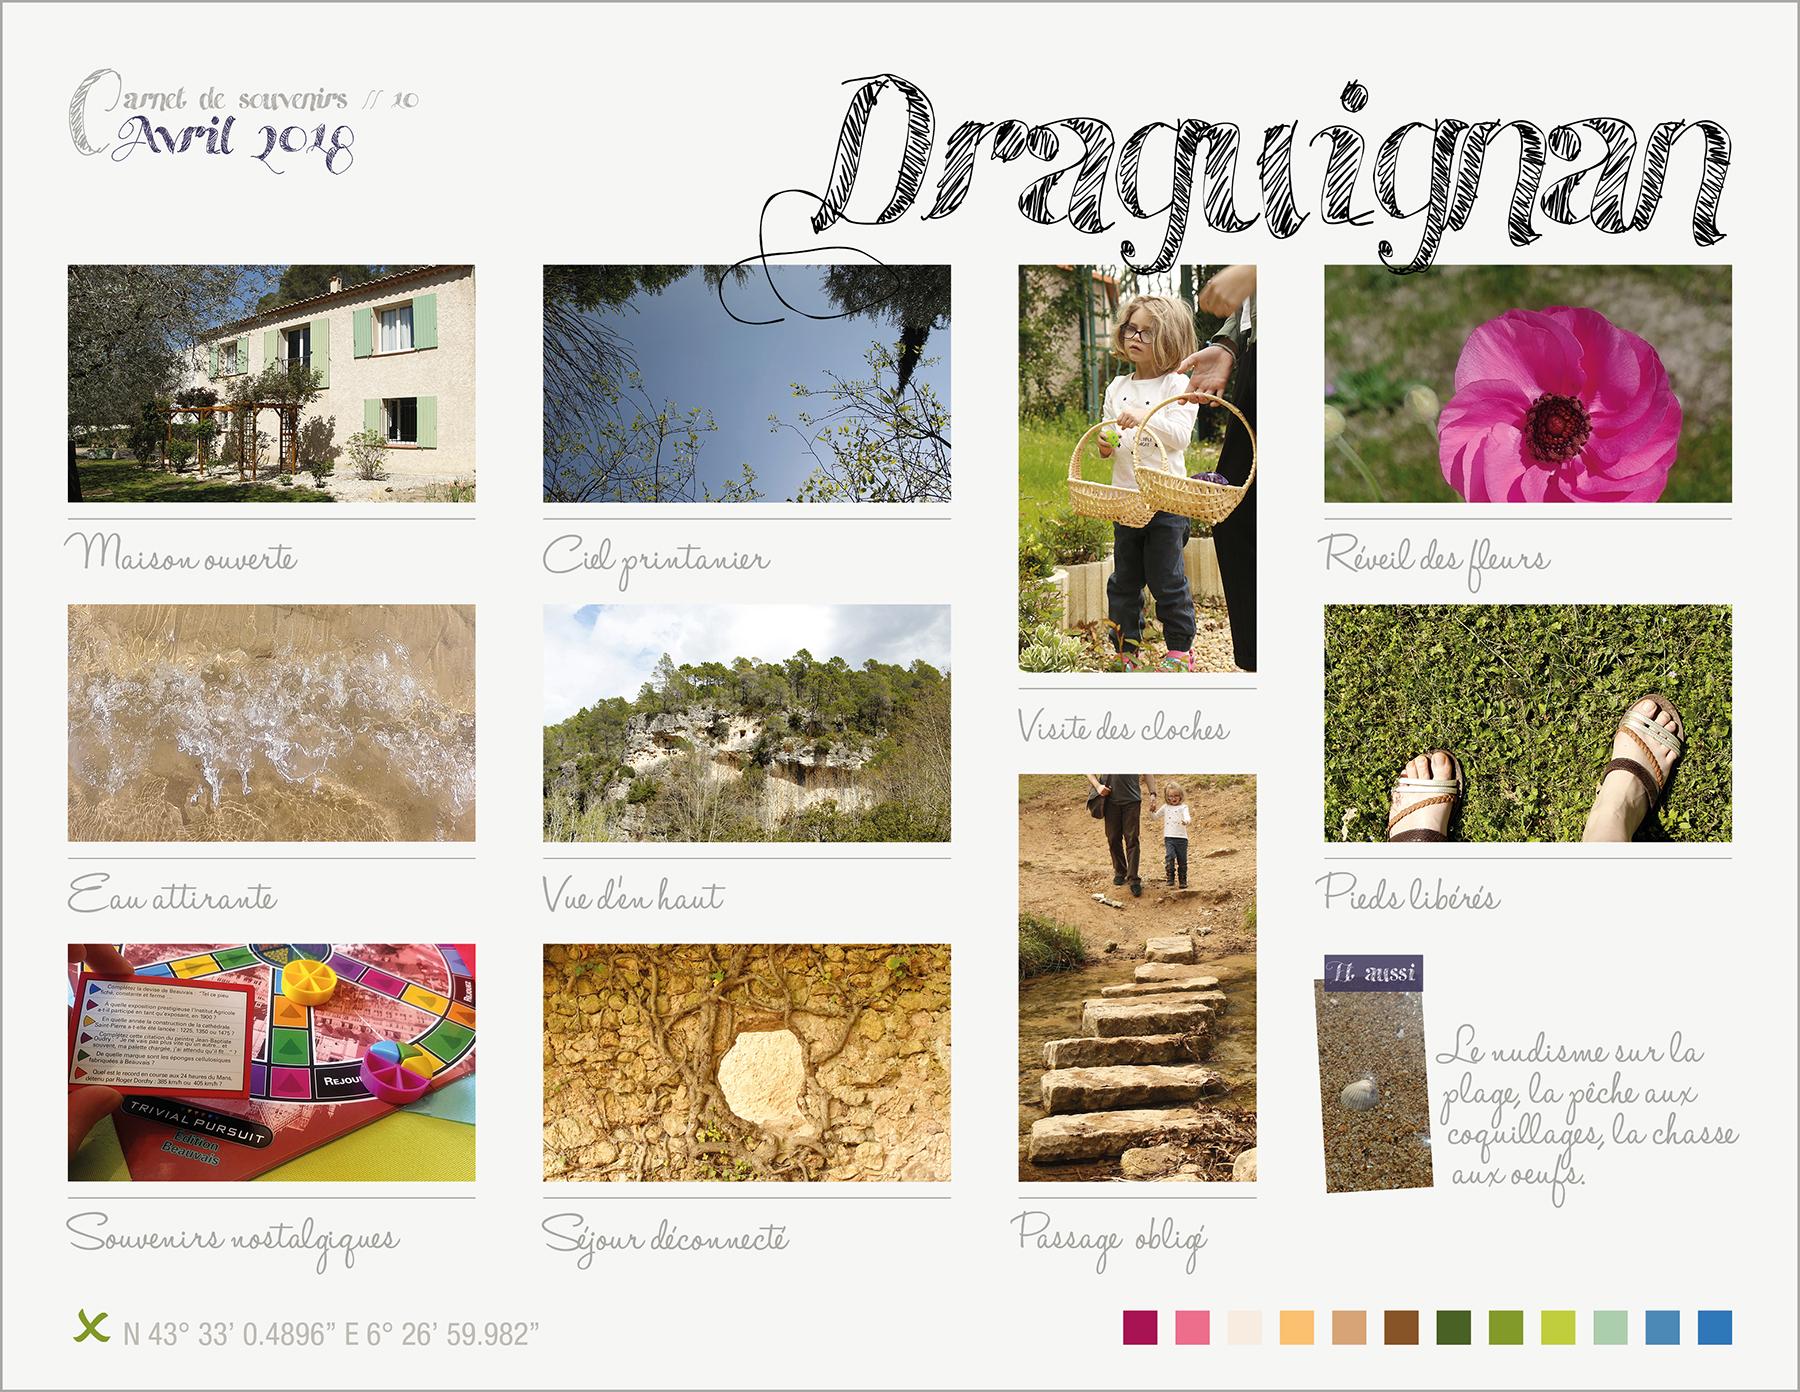 Carnet de souvenirs 09 // Draguignan